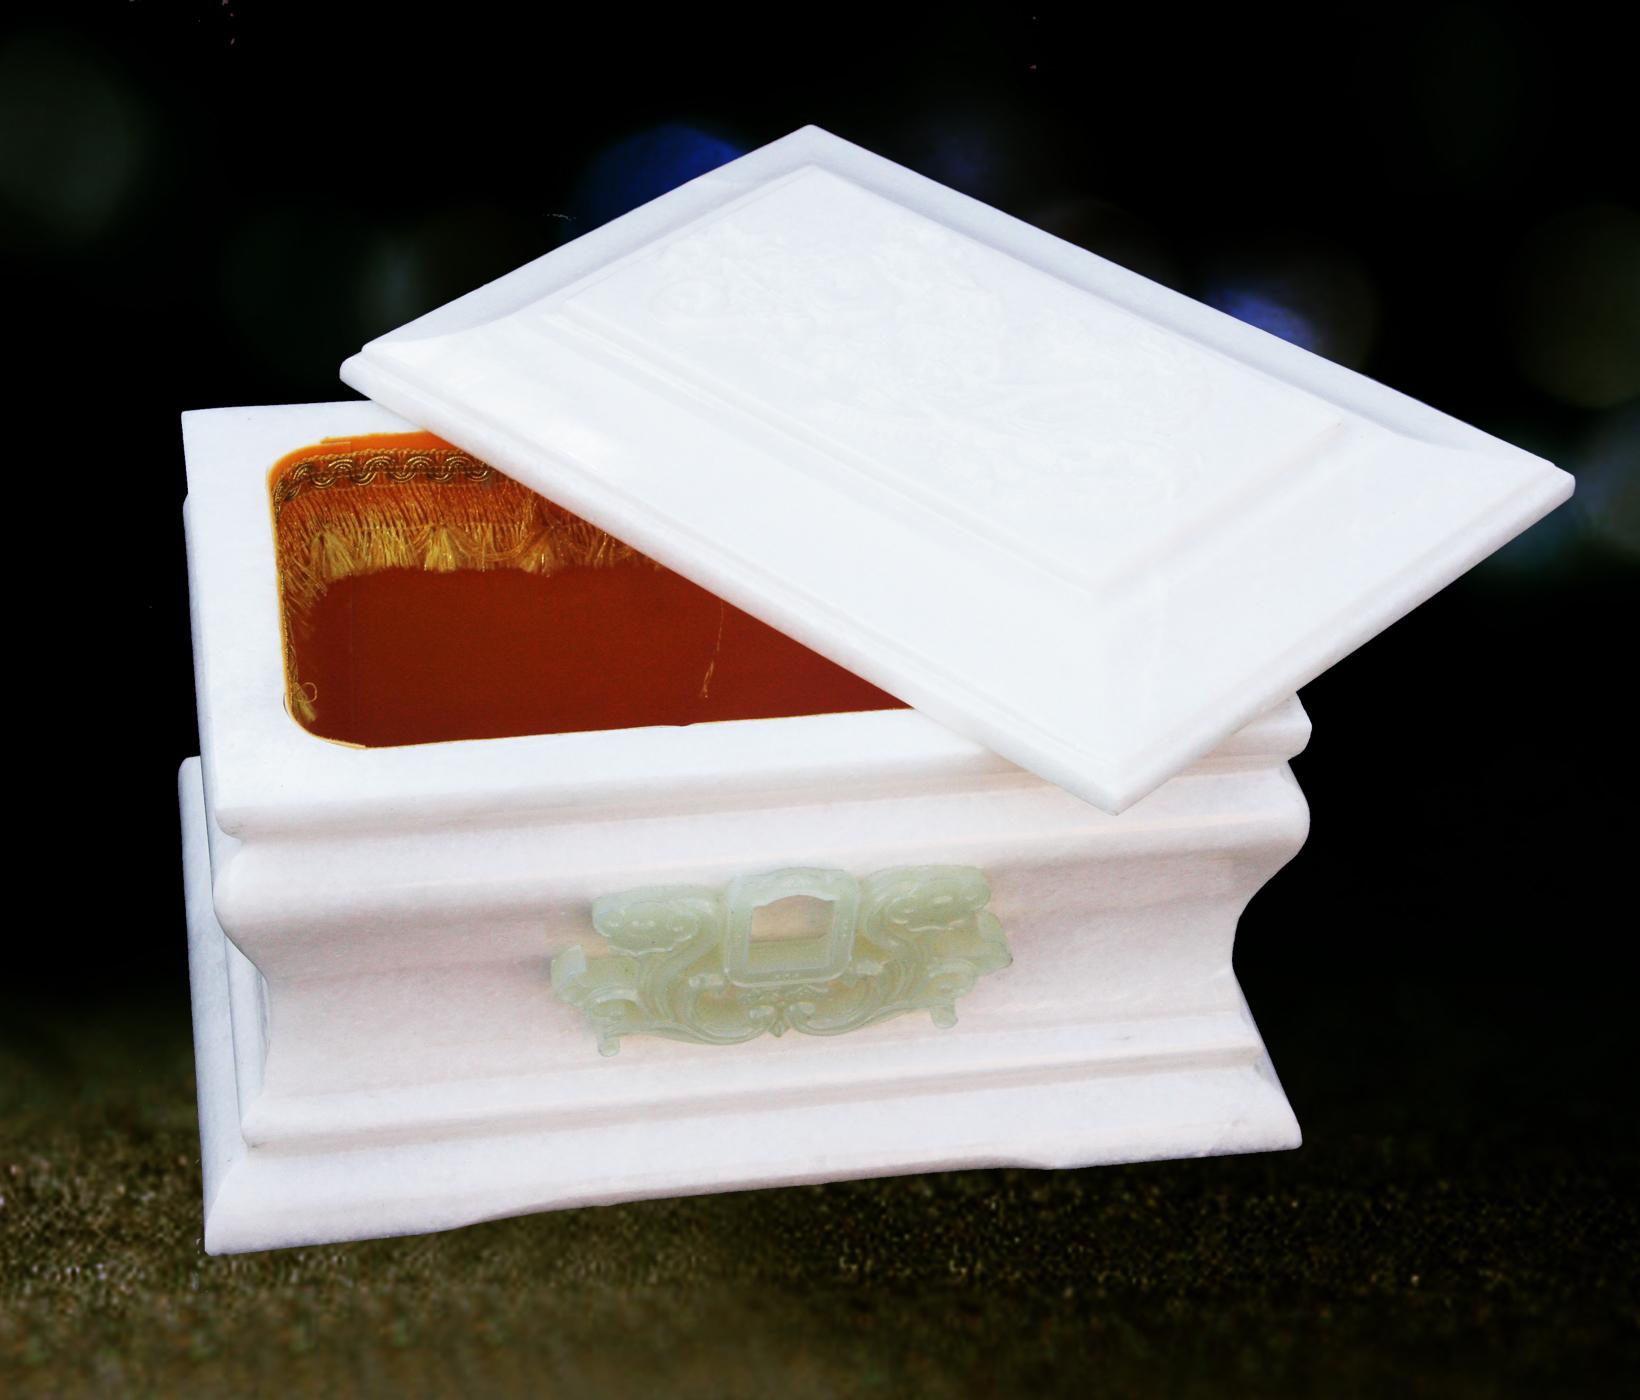 汉白玉骨灰盒 汉白玉骨灰罐 骨灰盒行业老品牌 超低价批发